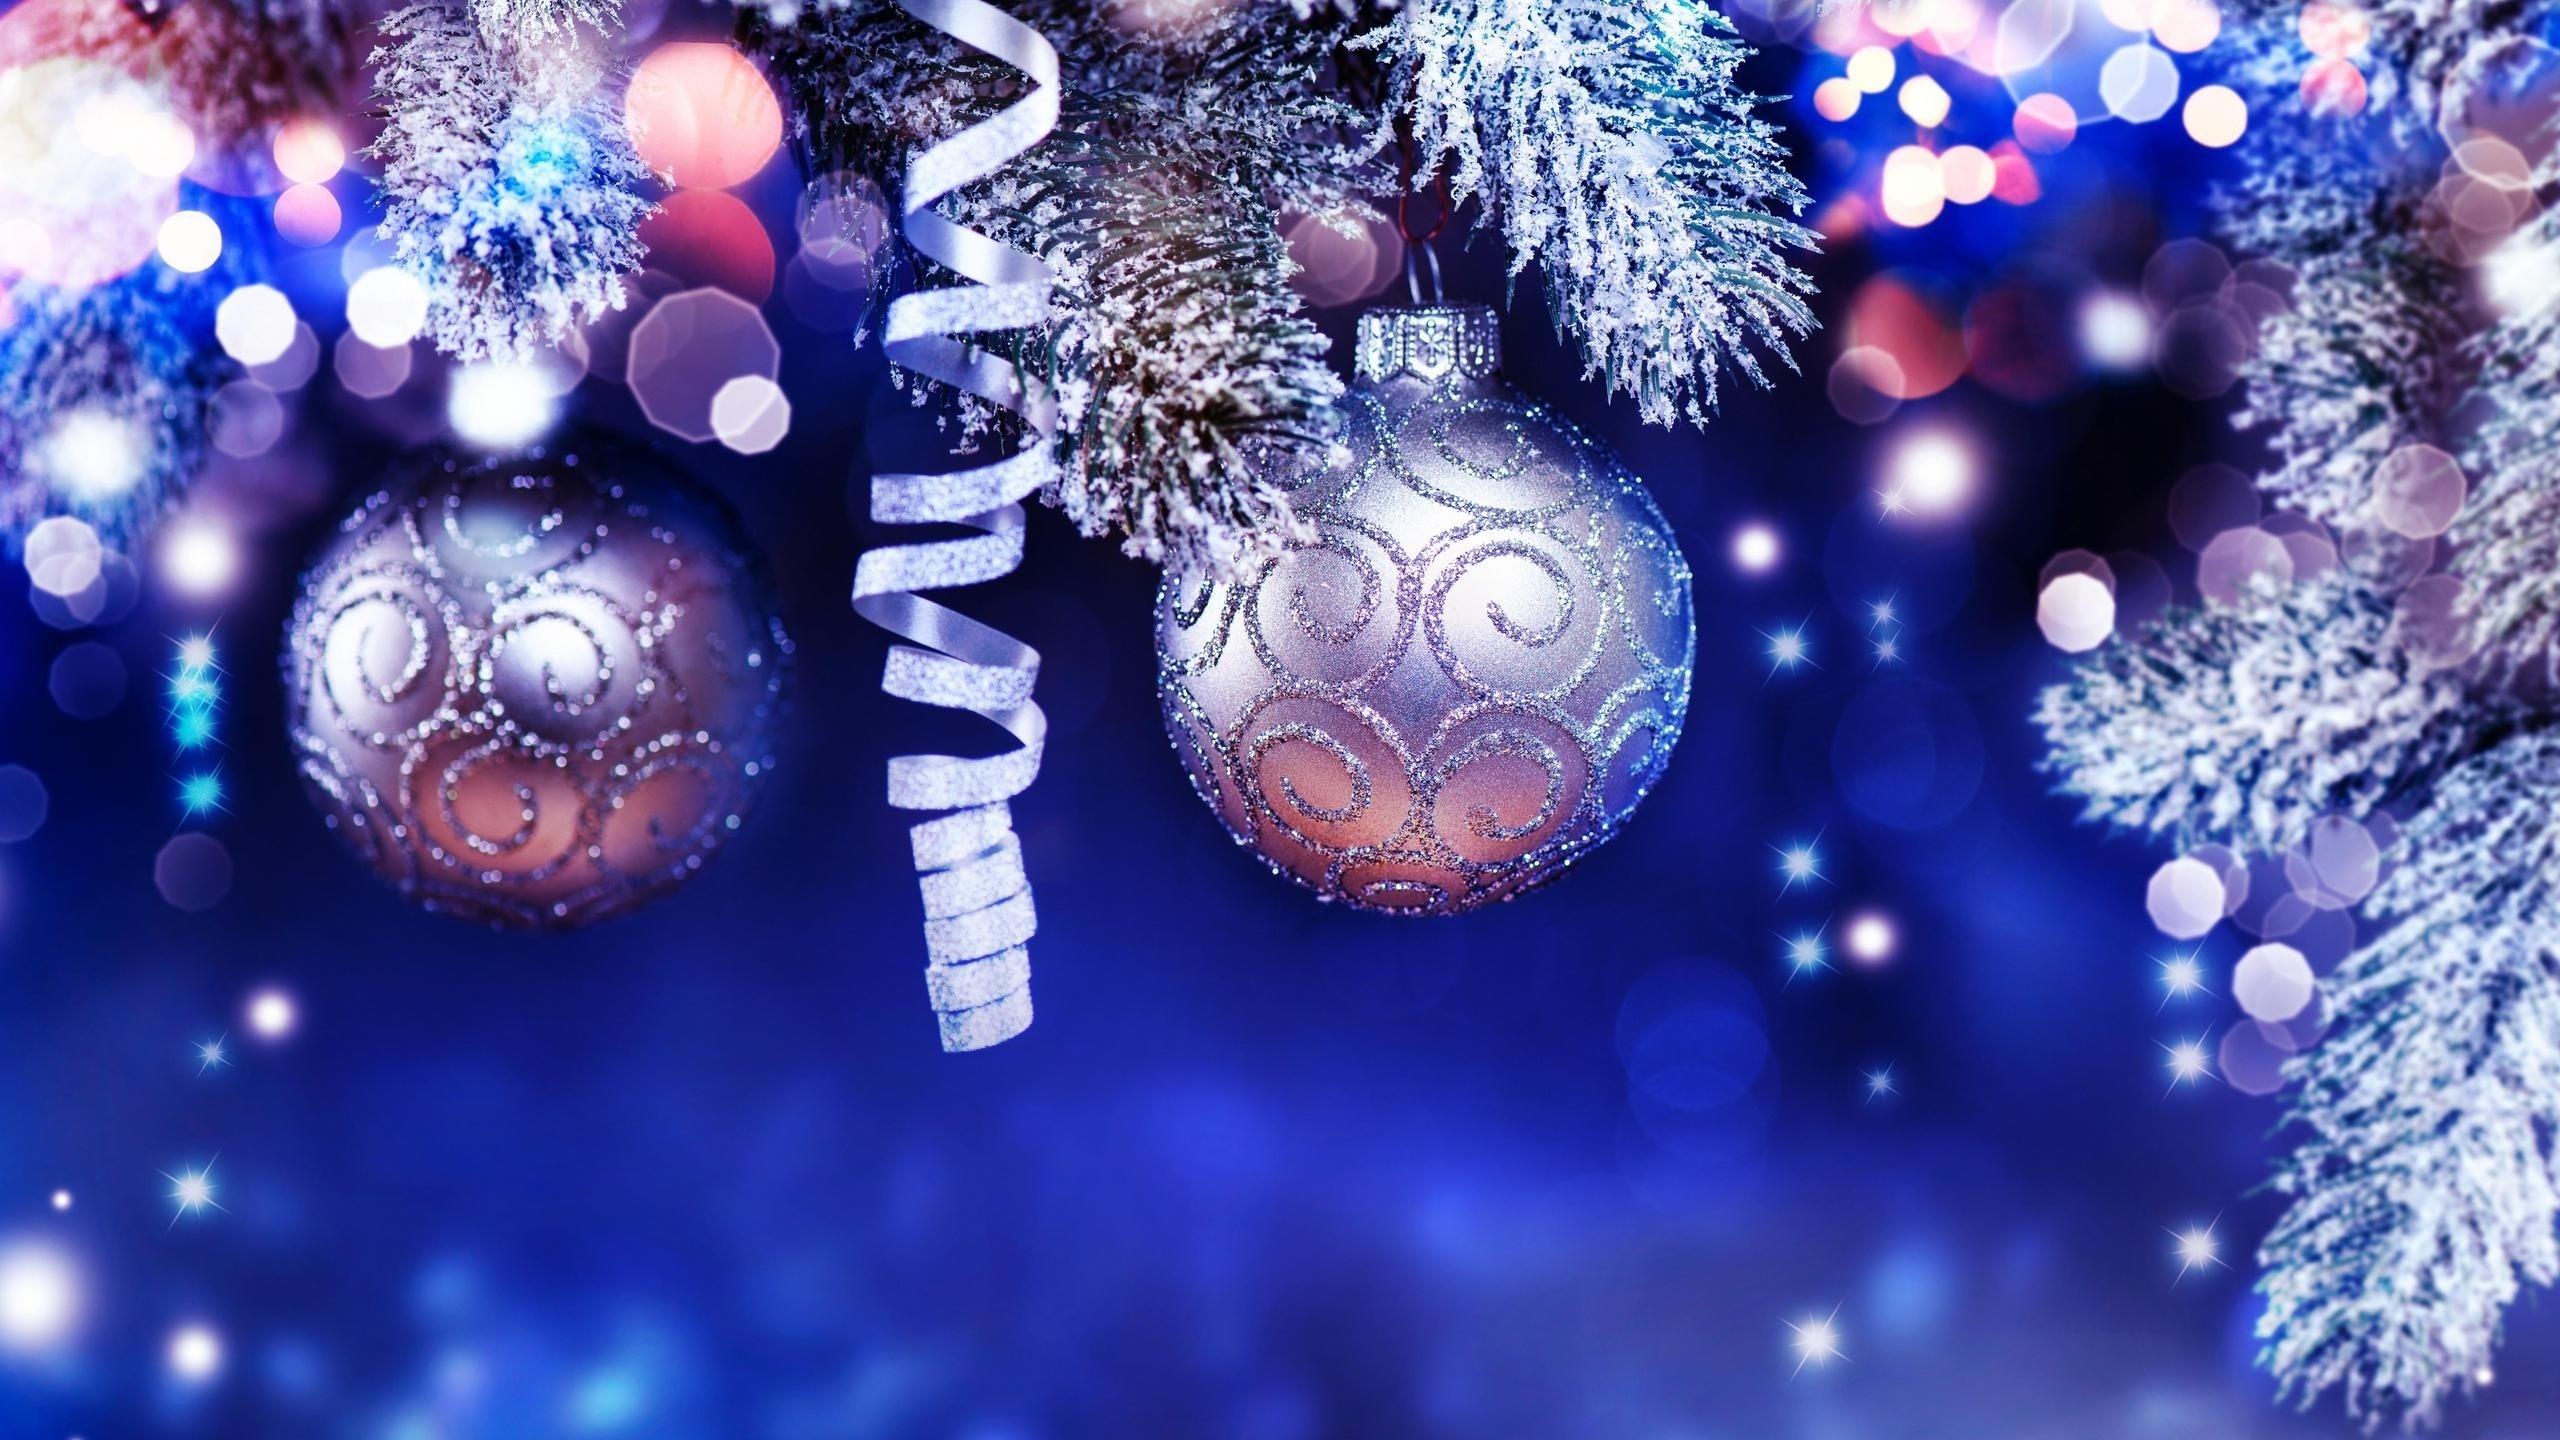 Короткое поздравление с новым годом на дому фото 88